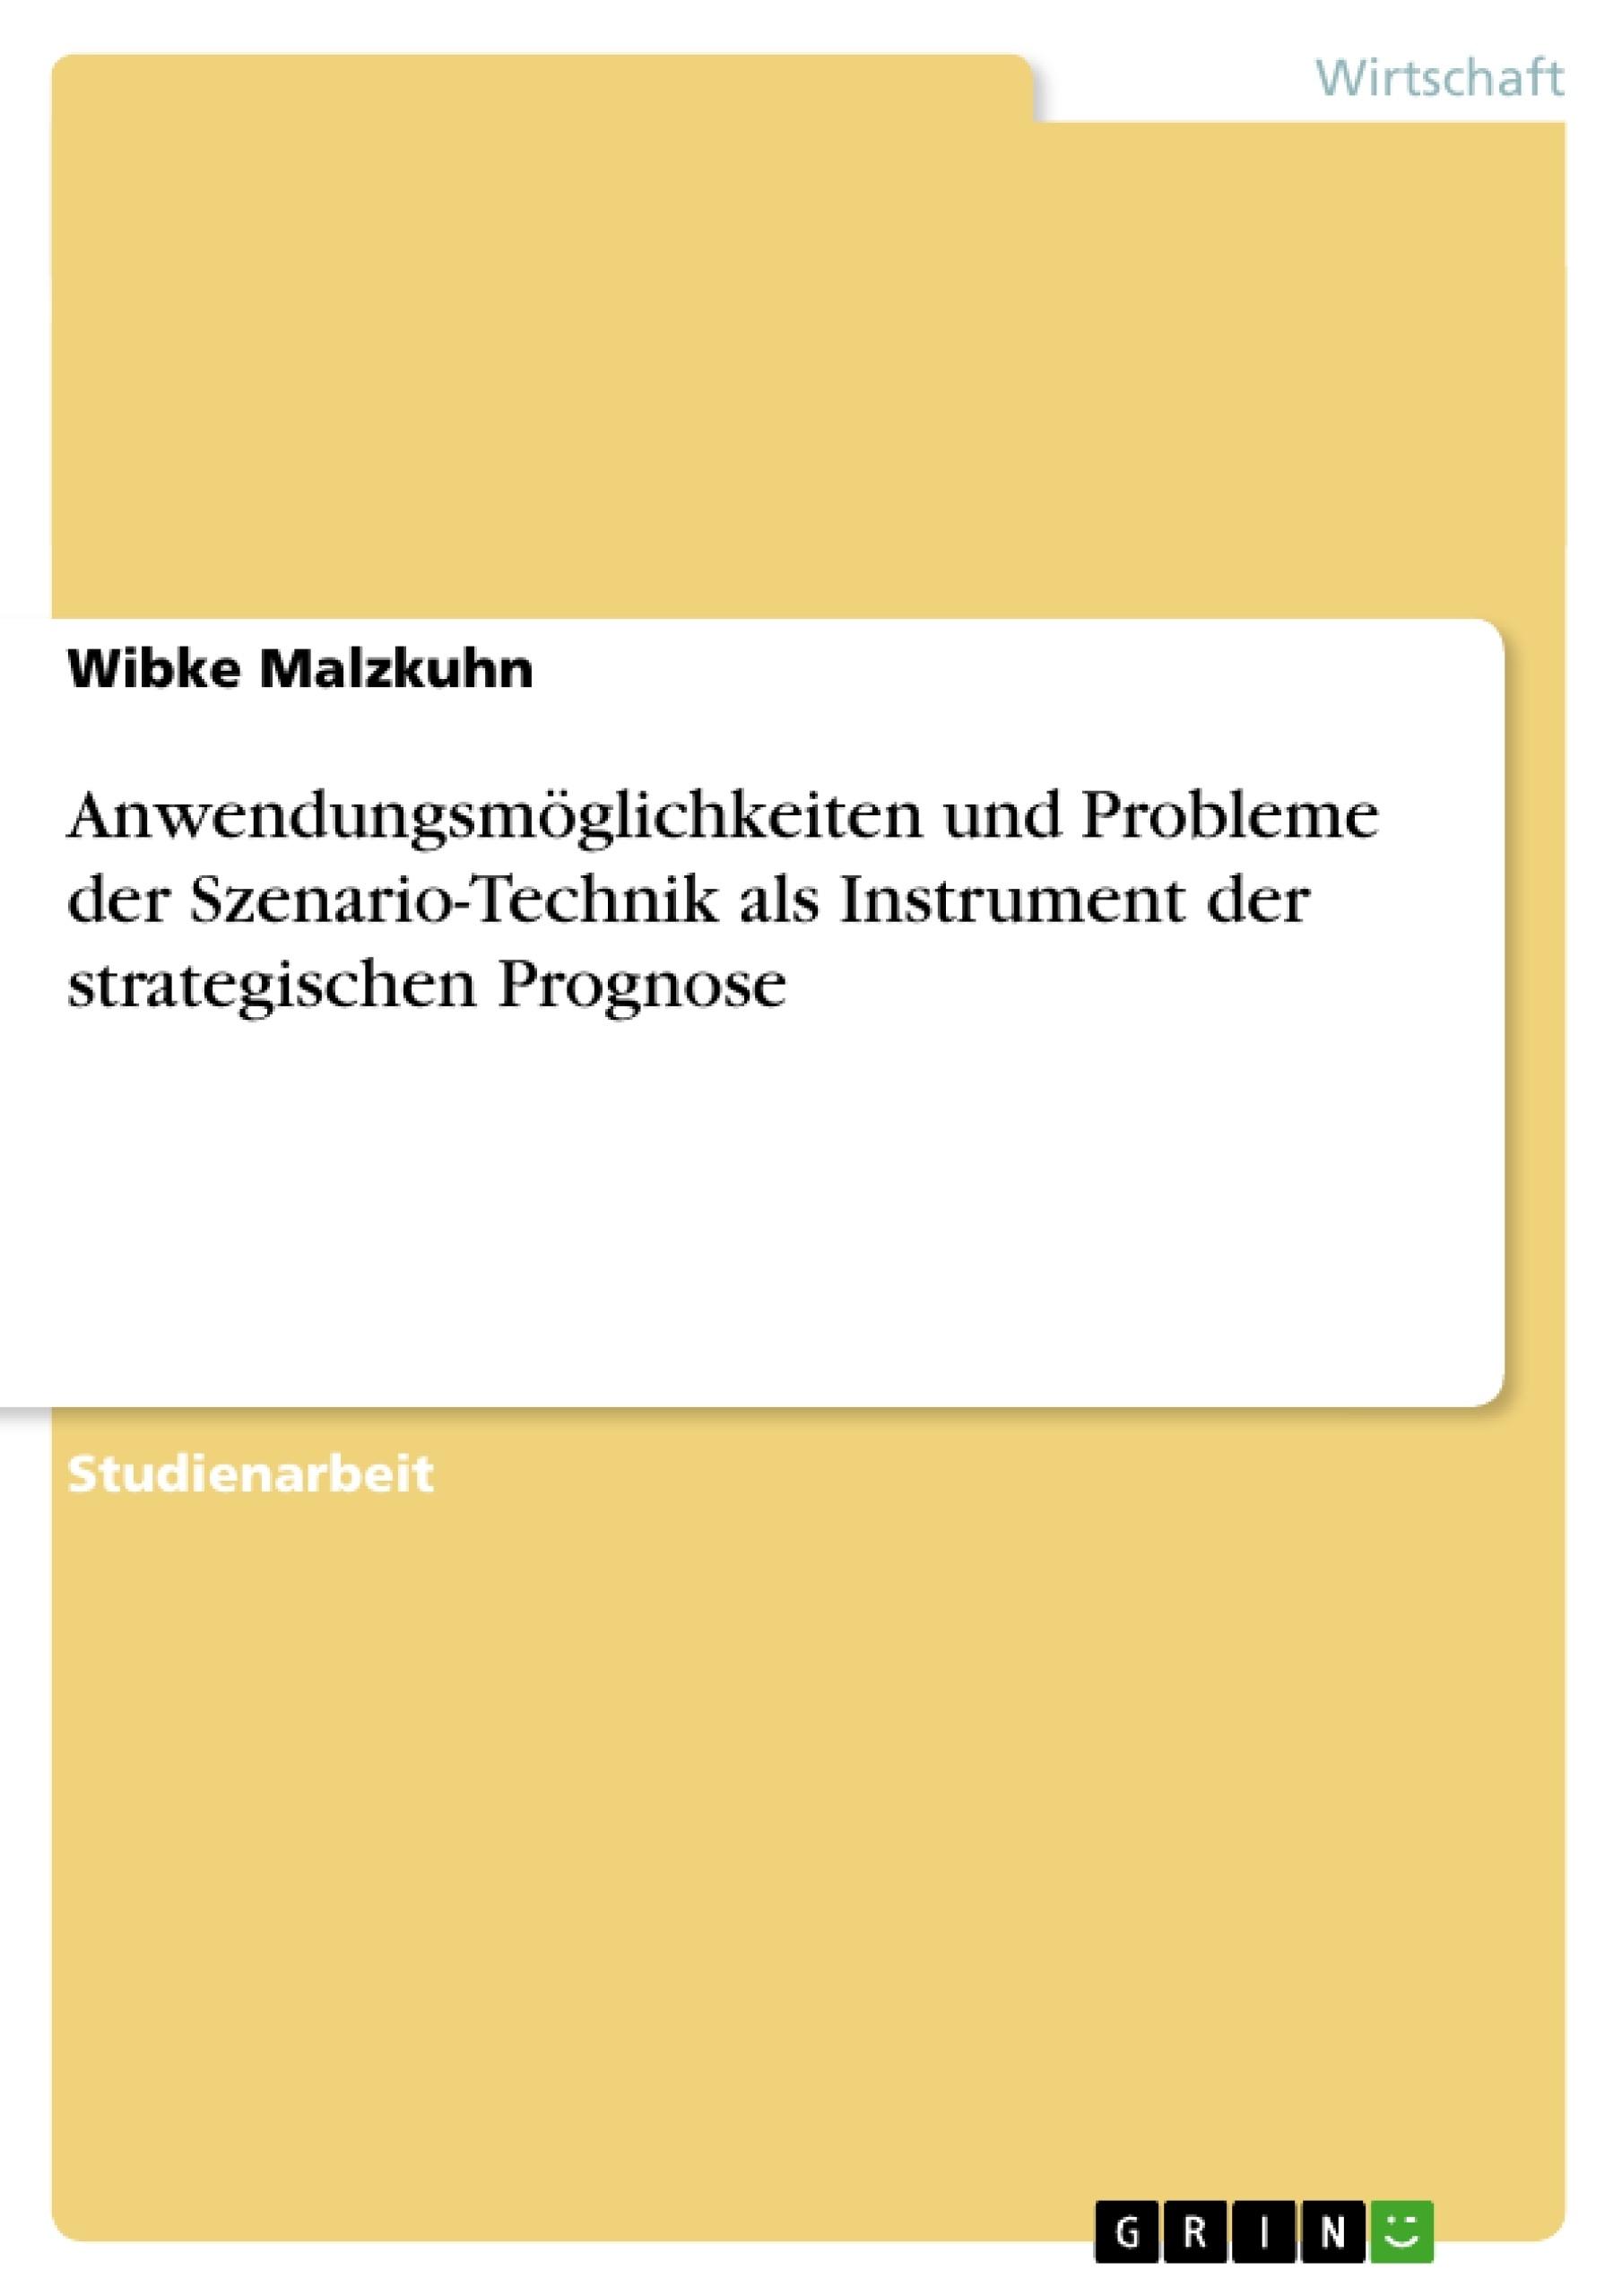 Titel: Anwendungsmöglichkeiten und Probleme der Szenario-Technik als Instrument der strategischen Prognose